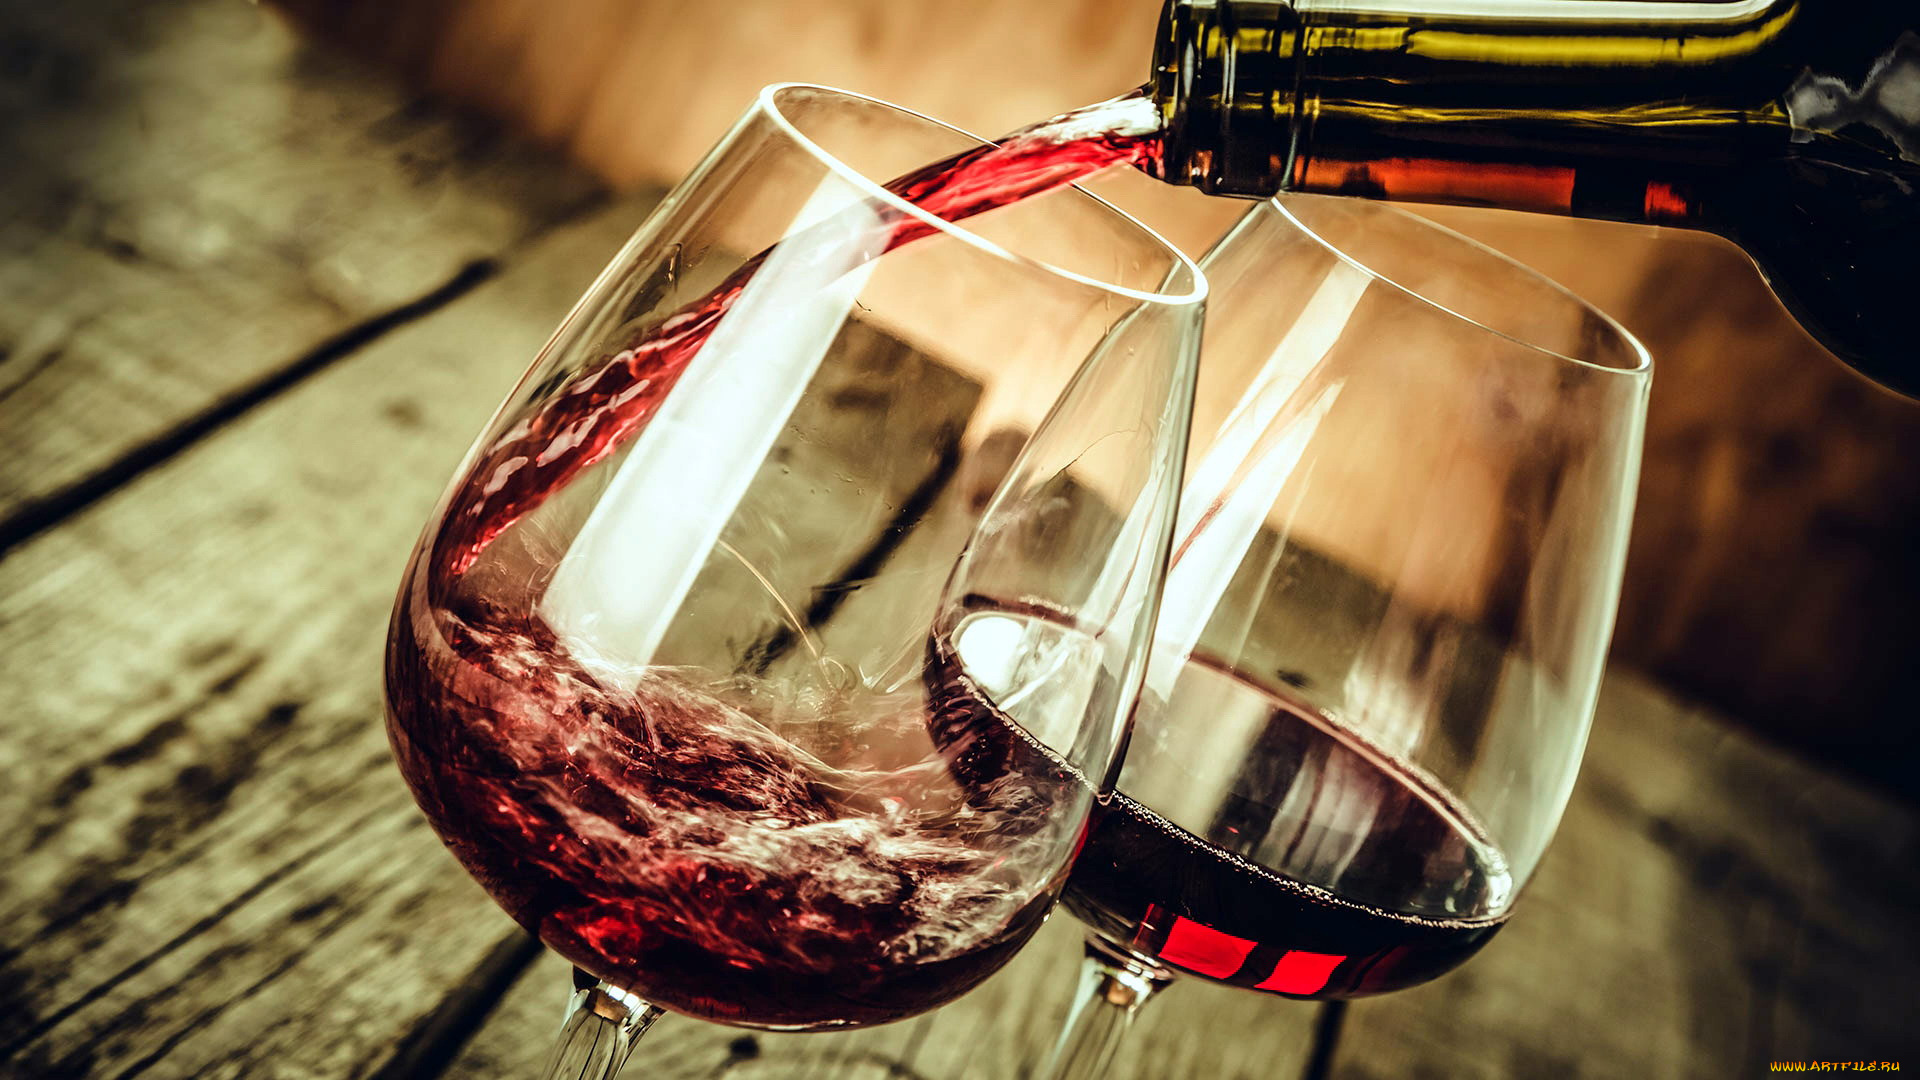 Красивые картинки с вином и бокалами, смешная